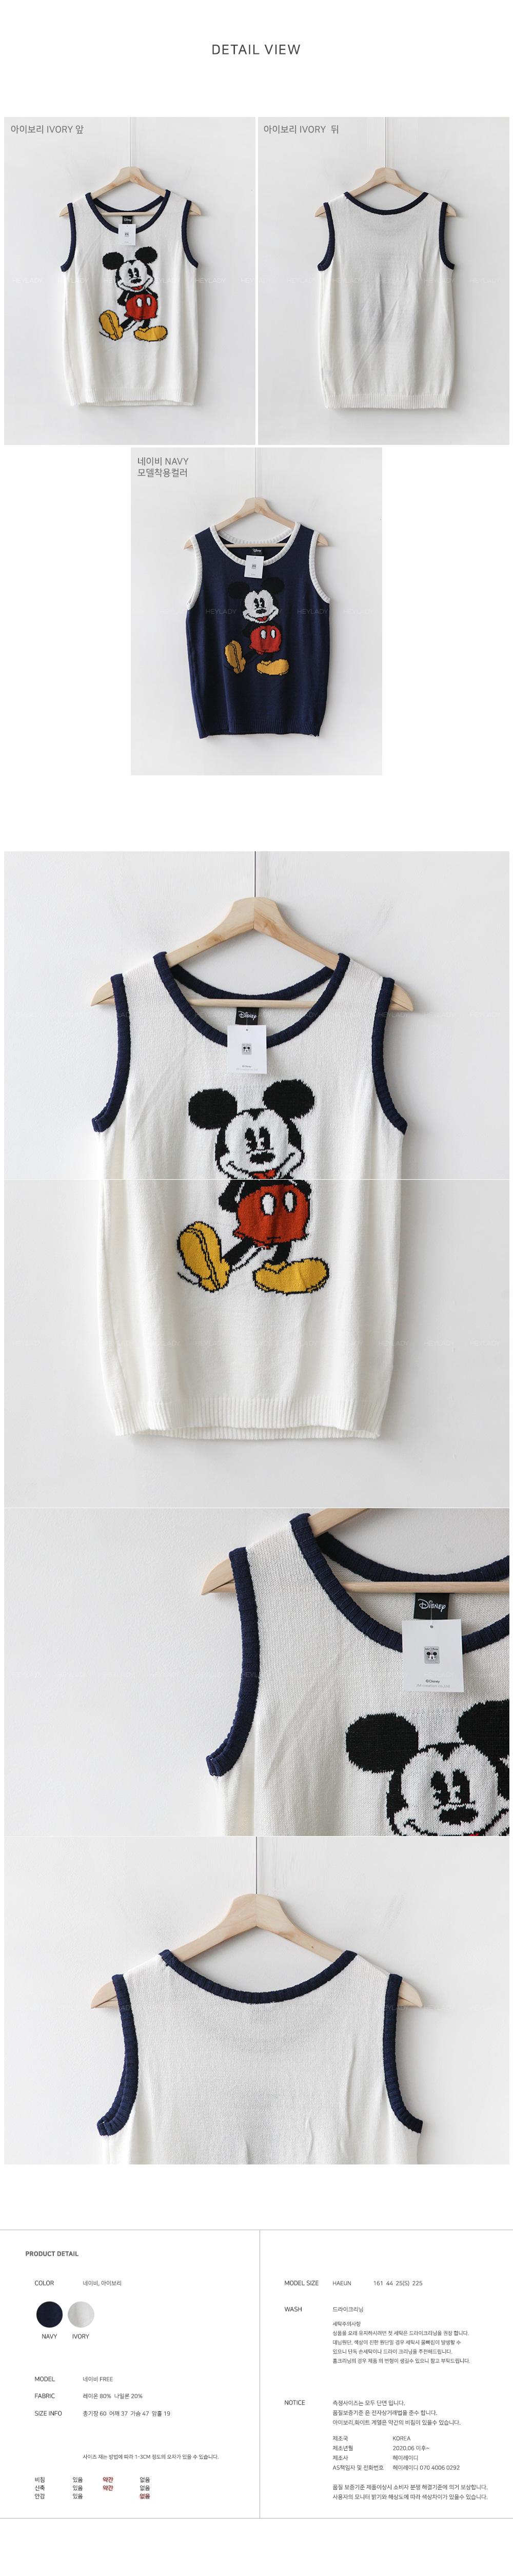 Best Mickey Online